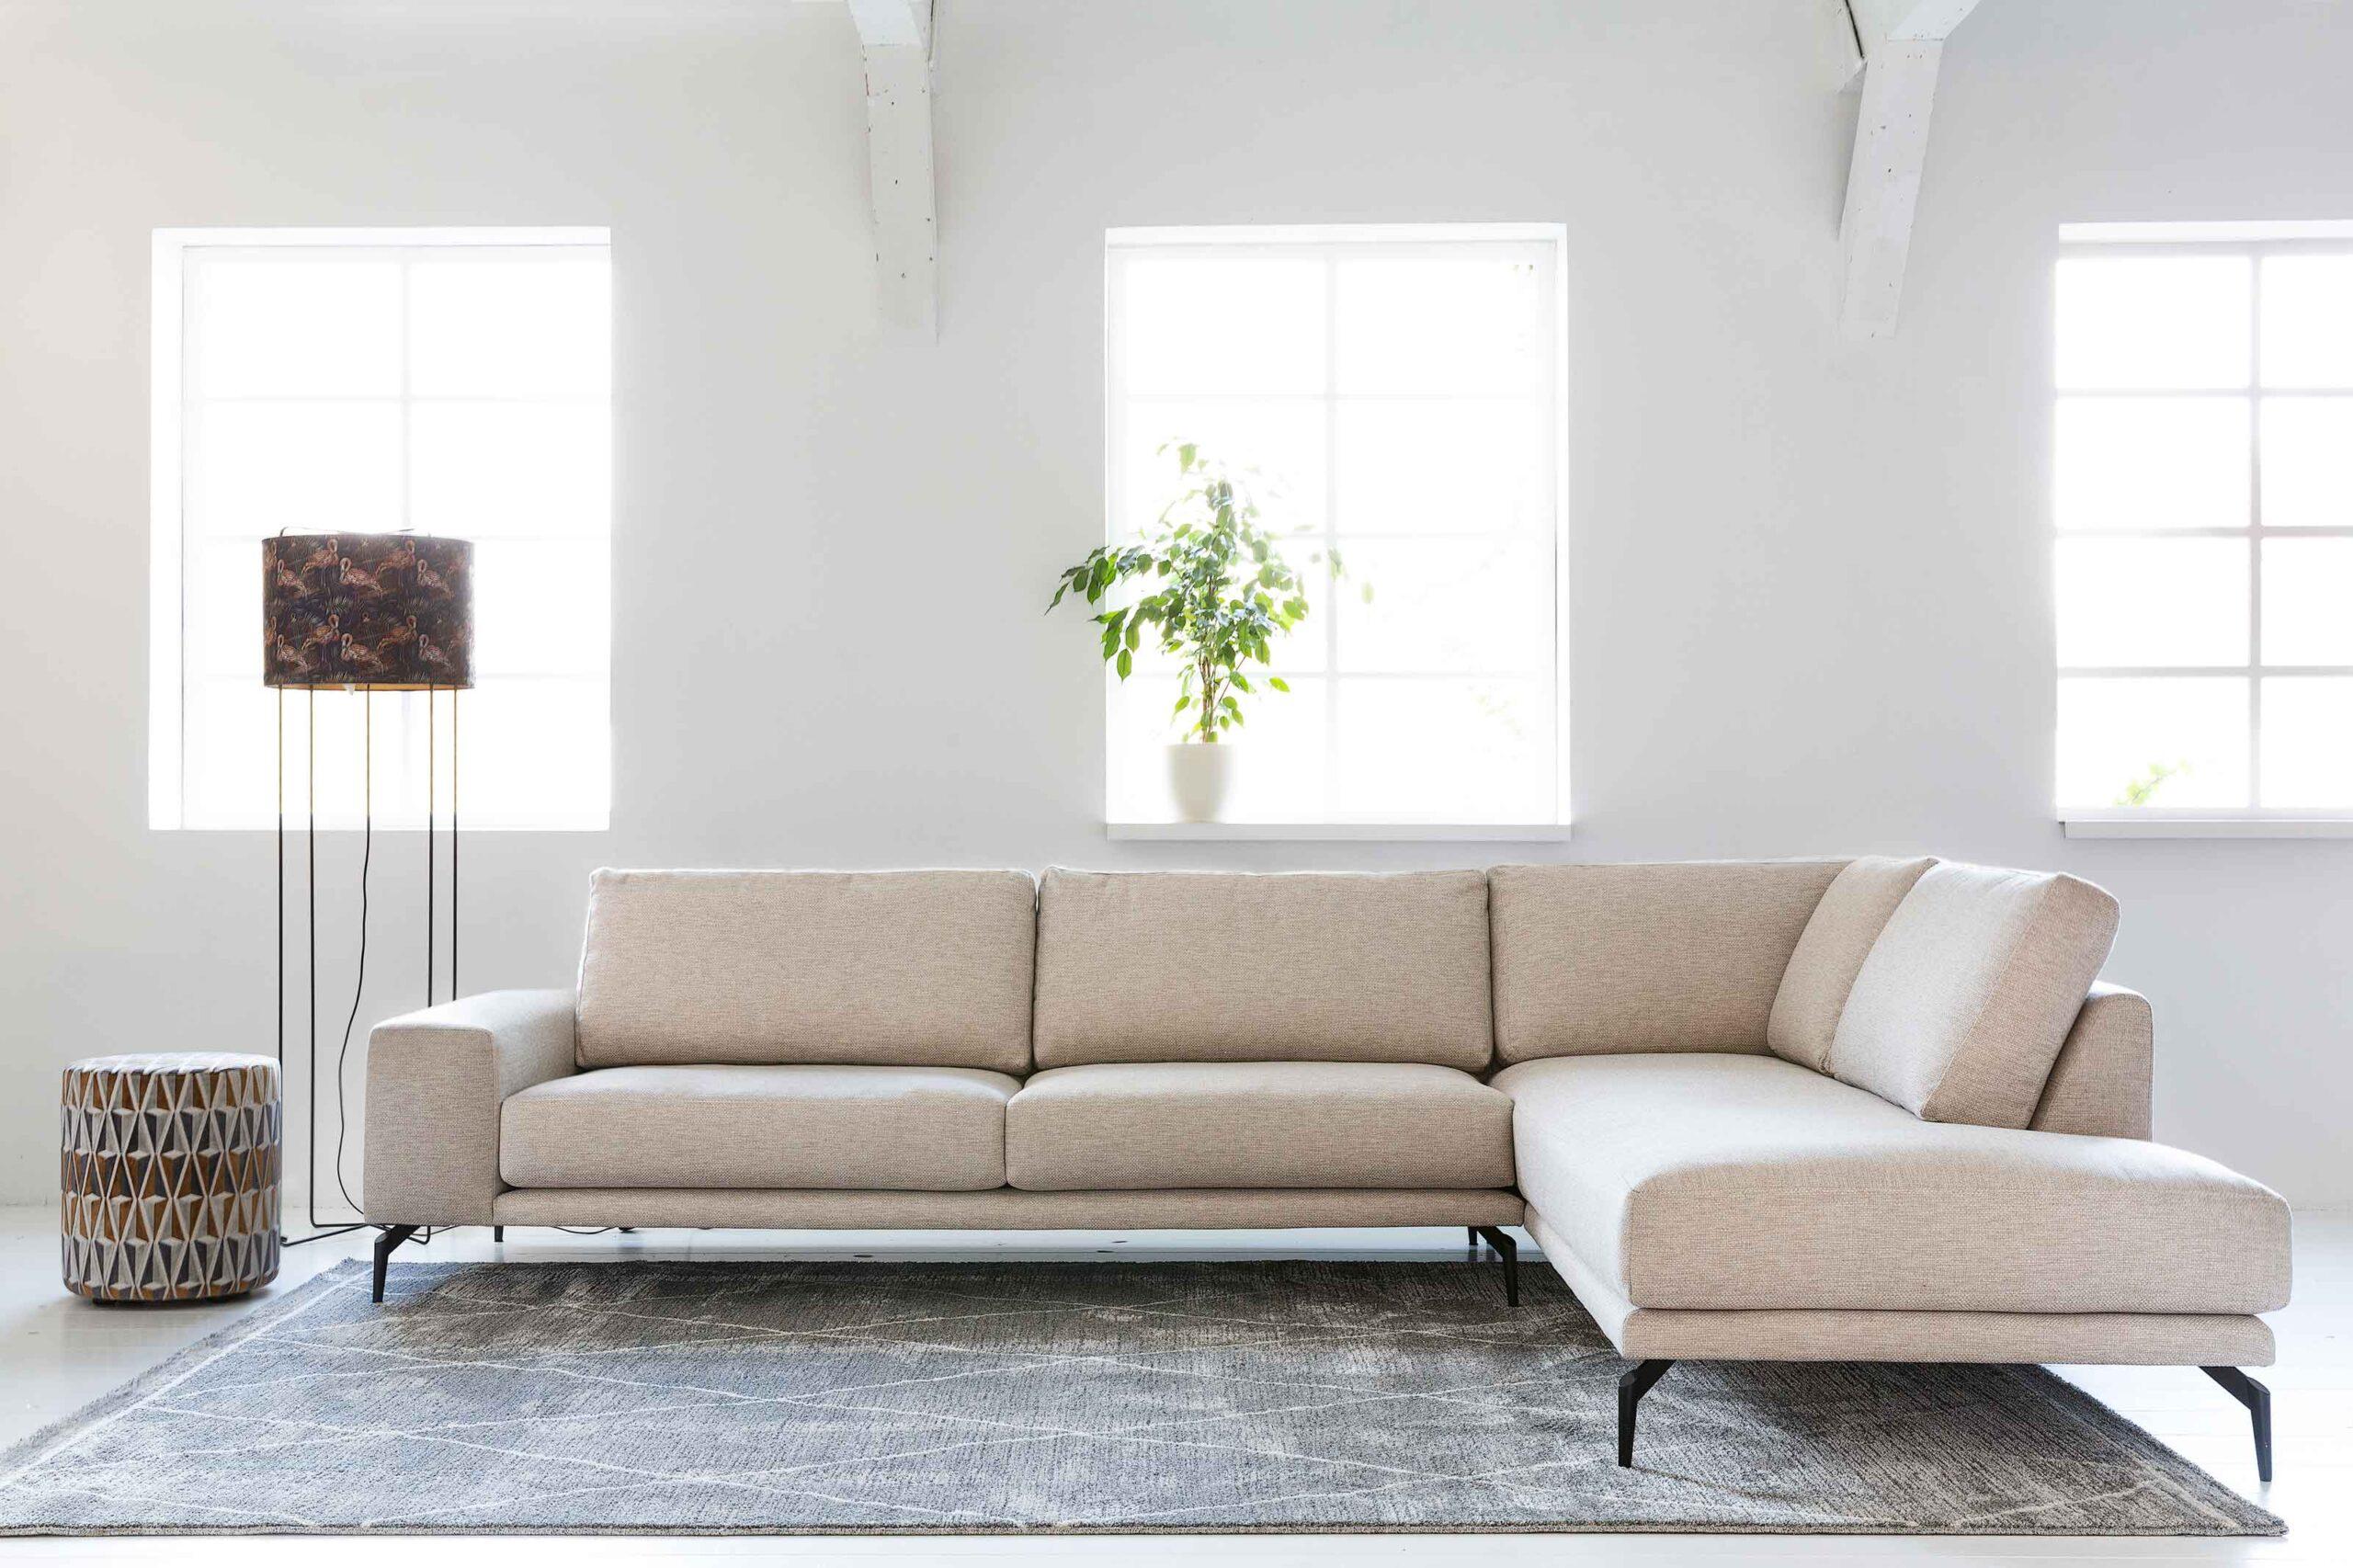 bella-milano-hoekbank-op-hoge-poten-grove-witte-sof-soofs-interieur